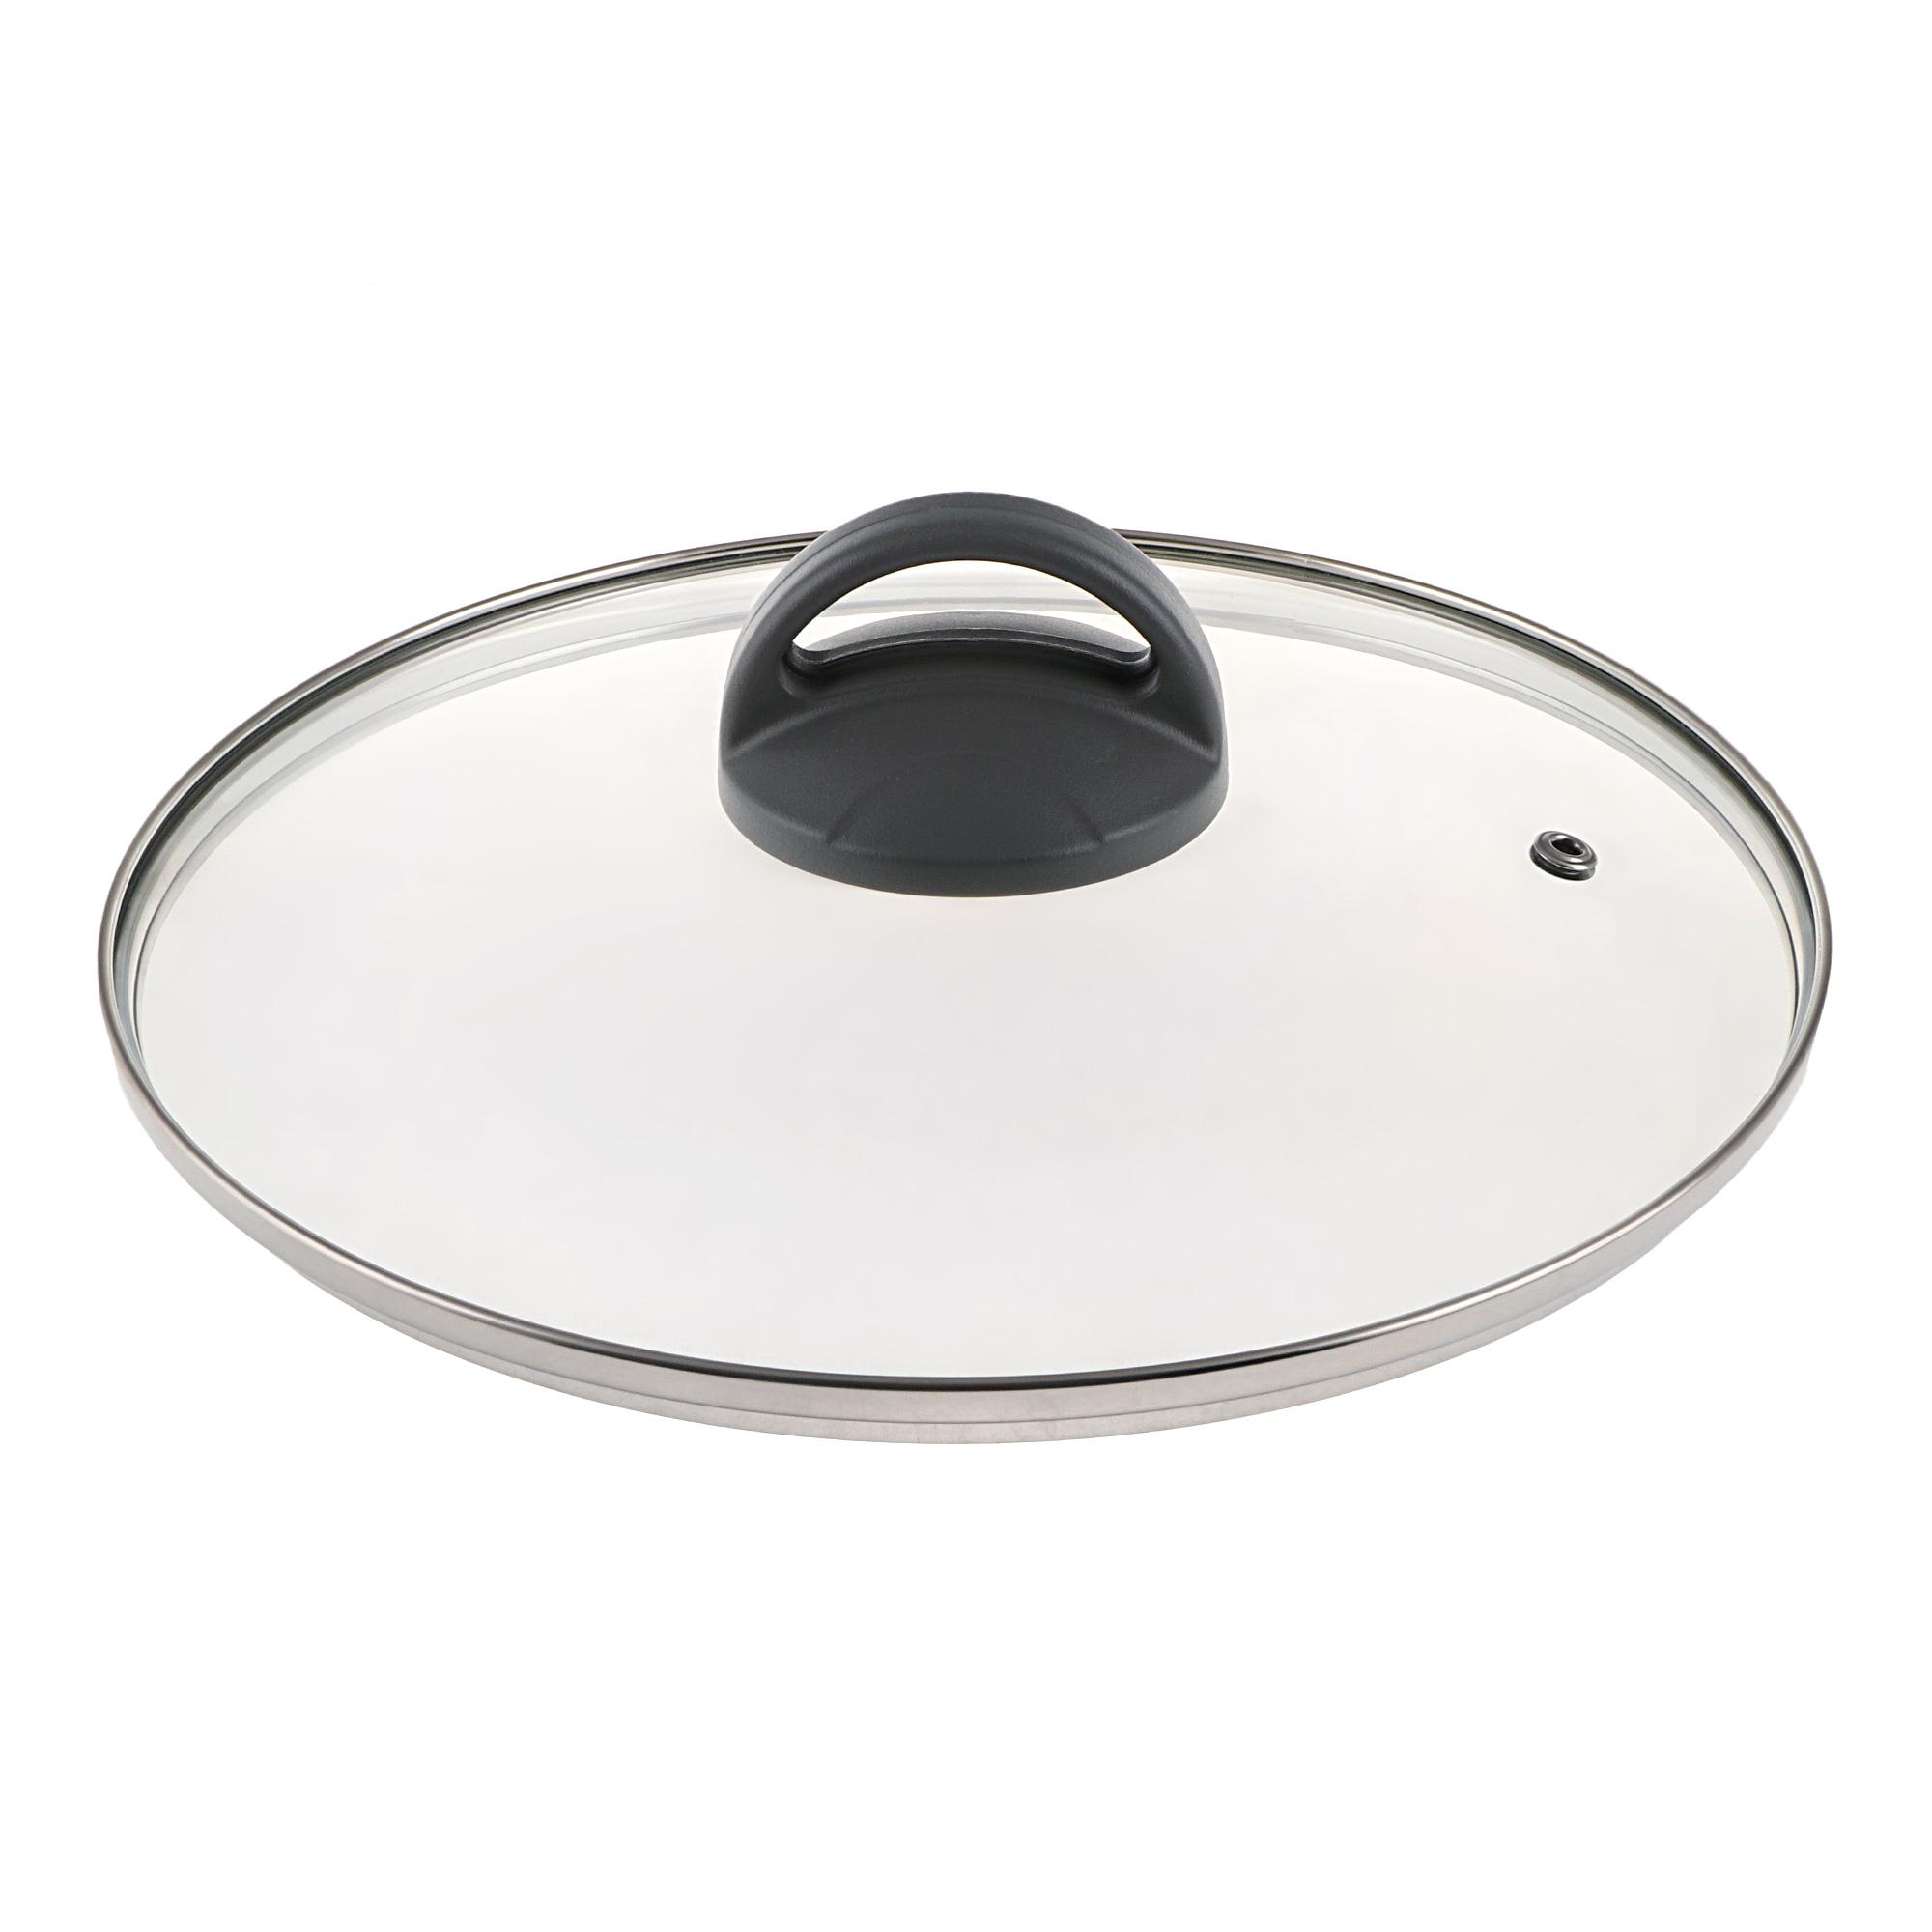 Крышка стеклянная Cucina Italiana Magnetica 20 см фото